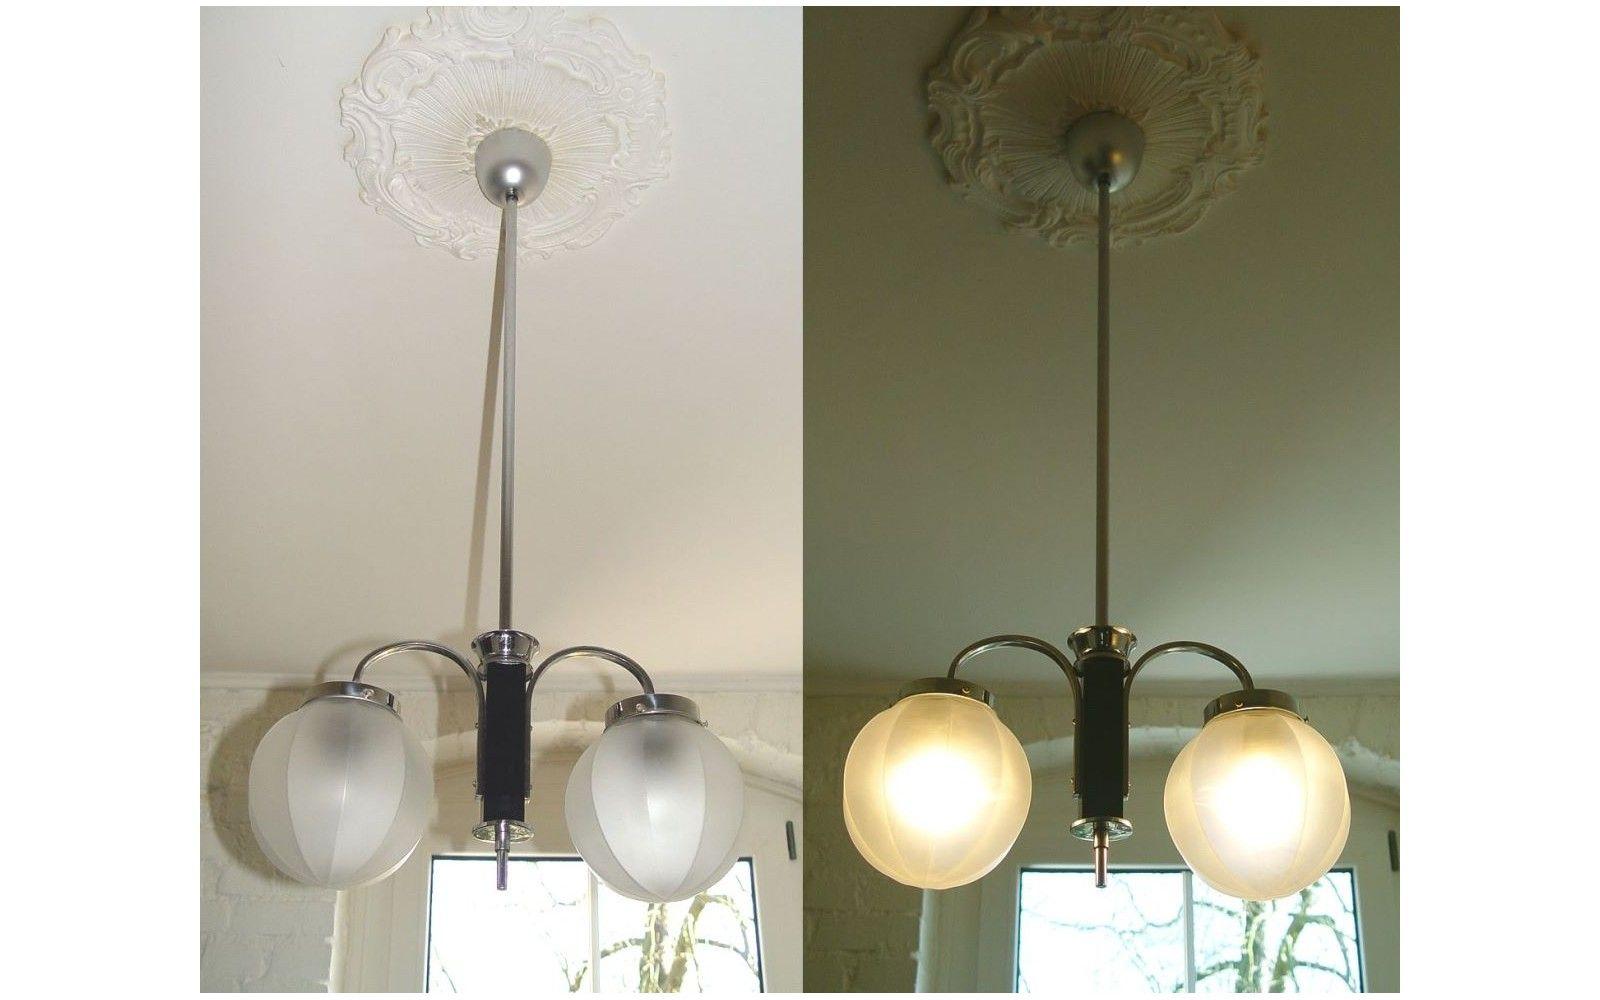 Wohnzimmerlampe Decke ~ Art deco antike decken hänge lampe arm chrom orig um